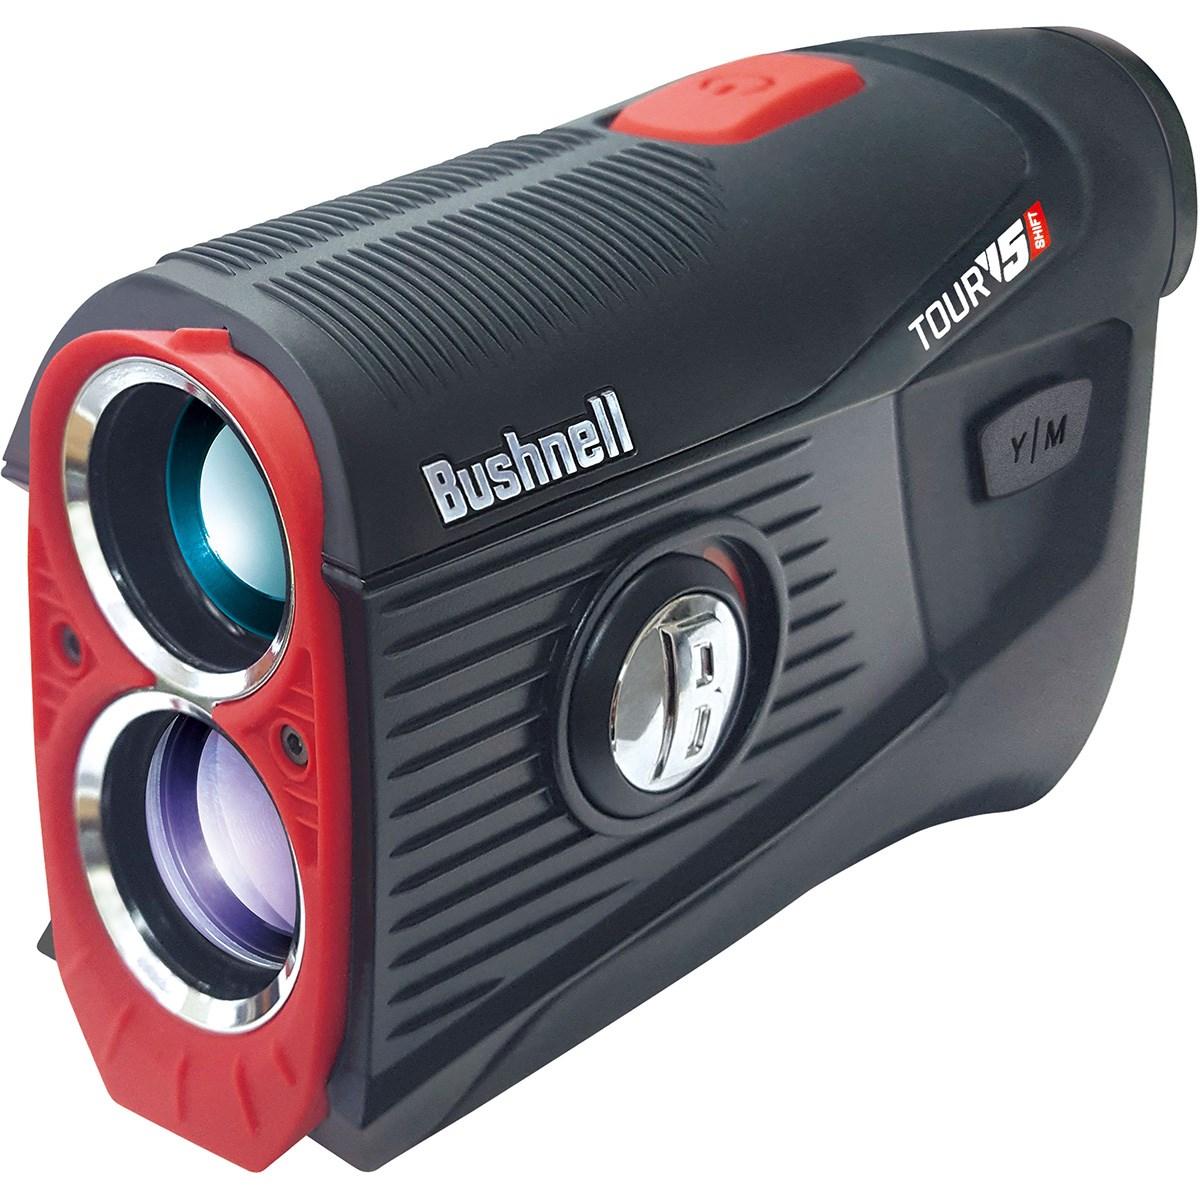 ブッシュネル Bushnell ピンシーカーツアーV5シフトジョルト ブラック/レッド